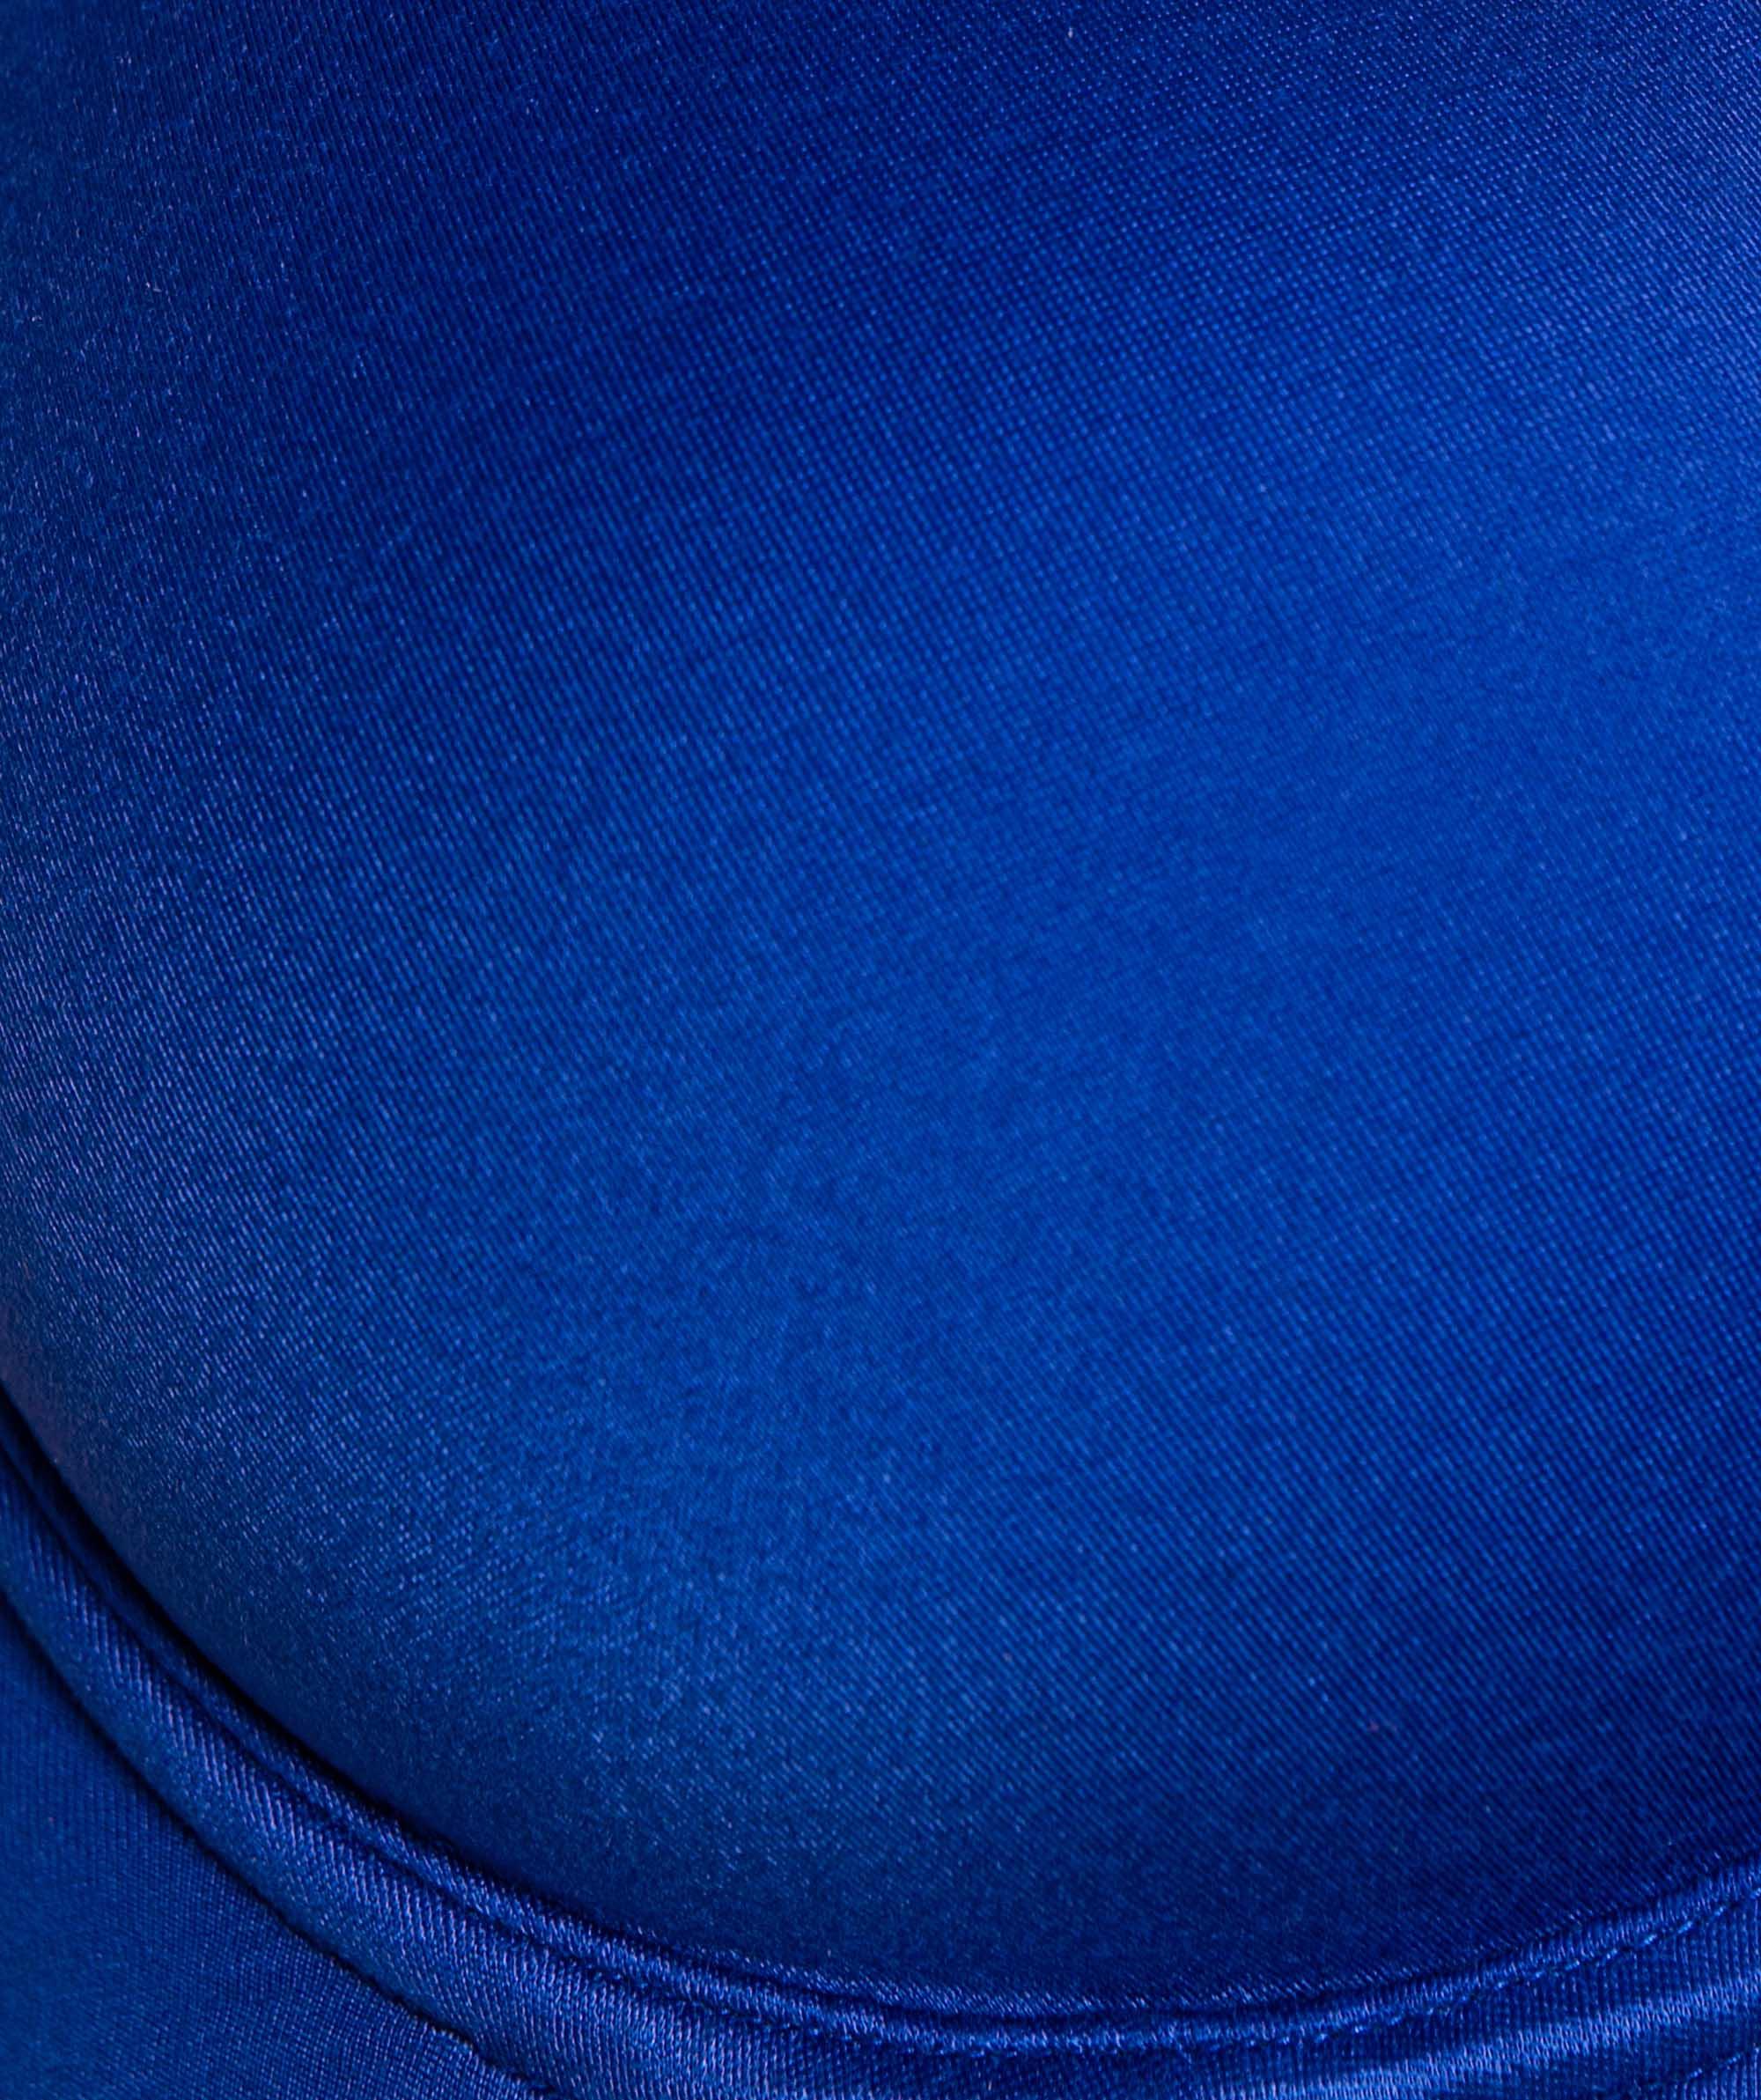 Body Bliss 2nd Gen Full Cup Bra - Dark Blue